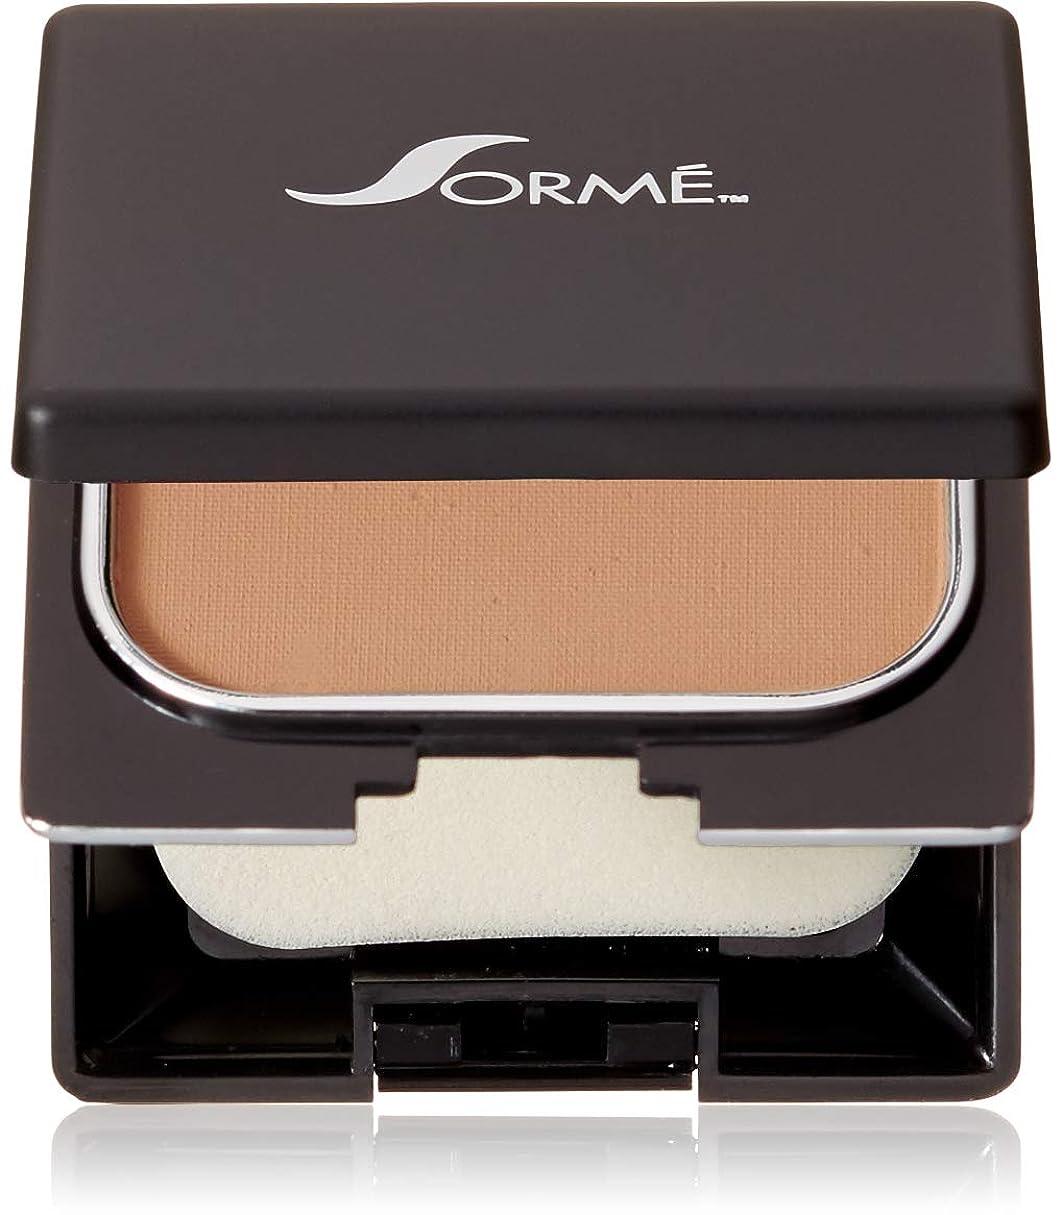 ルーフ上昇タイピストSorme Cosmetics Believable Finish Powder Foundation, Honey Dusk, 0.23 Ounce by Sorme Cosmetics